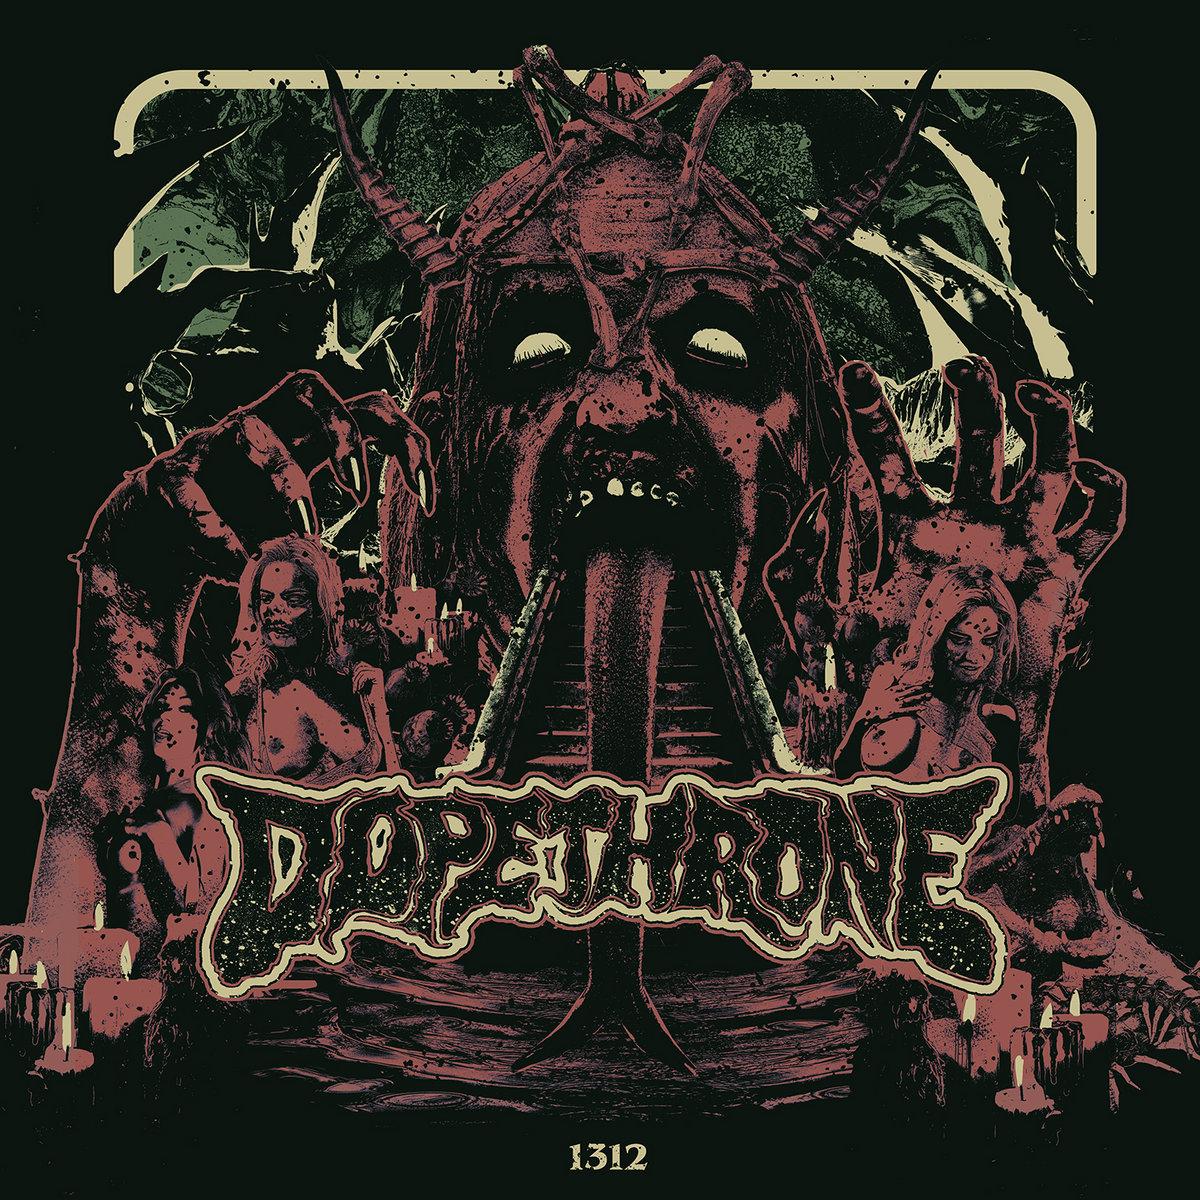 https://dopethrone.bandcamp.com/album/1312